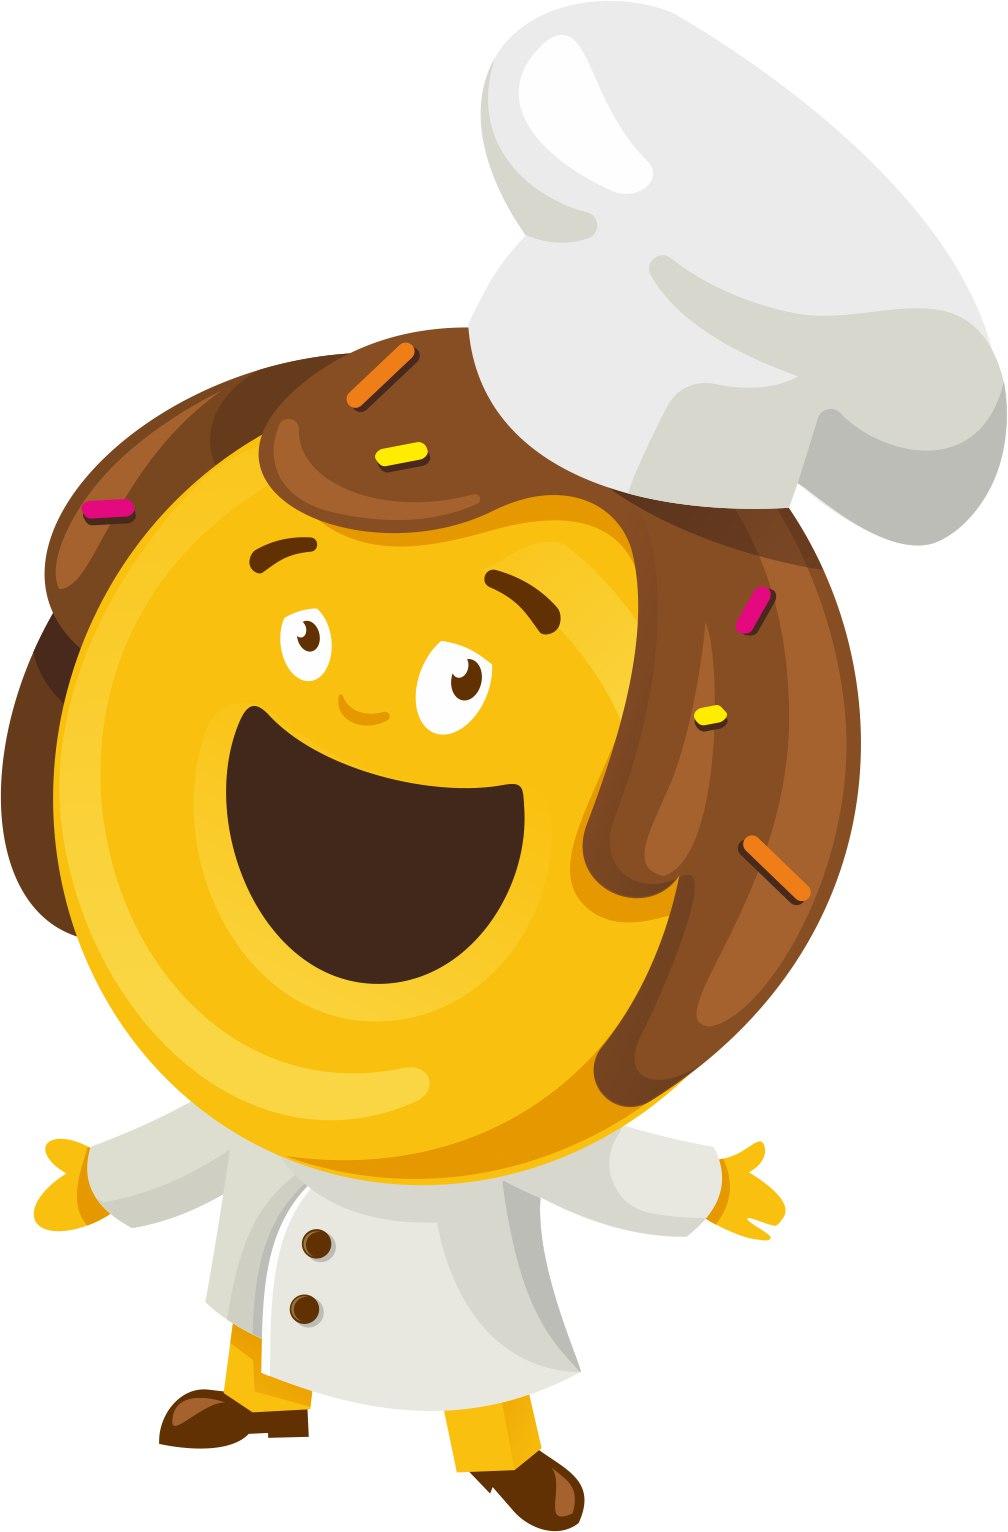 """Пончики """"Happy Donuts"""" от 1,58 руб./шт., 8 пончиков + 4 кофе за 15 руб."""